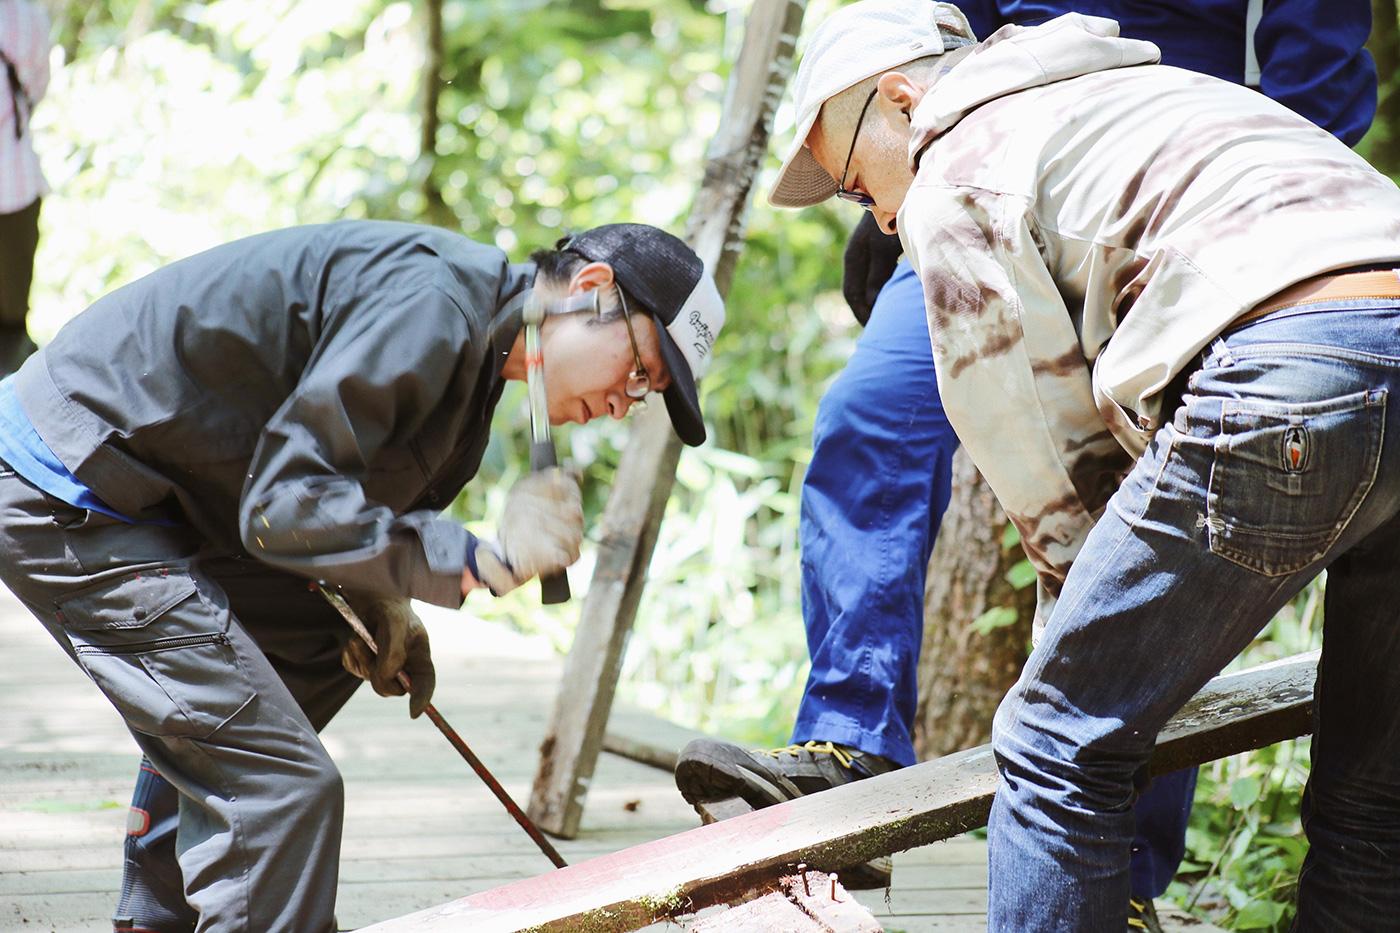 木材を剥がしたら、トラックの待つ場所まで運びます Photo by Riho Kamimura